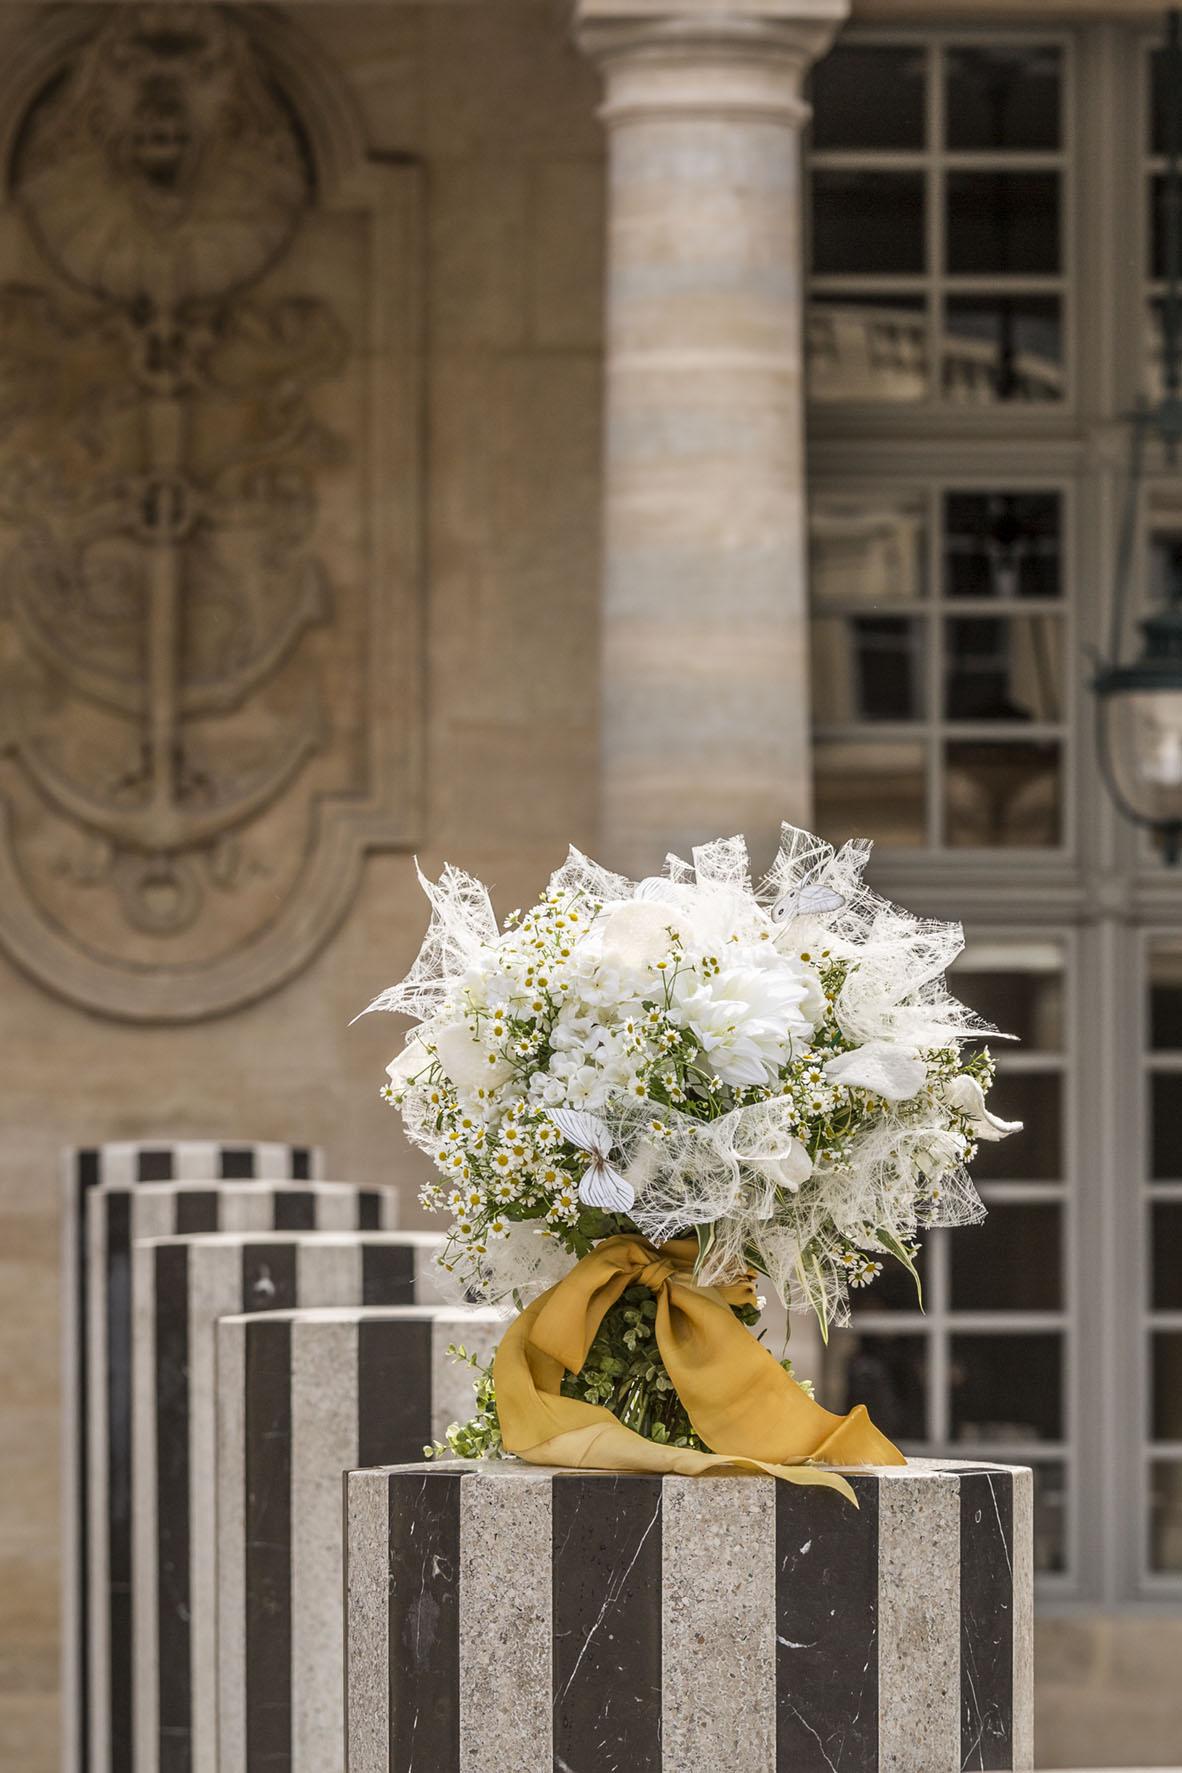 Laura Dowling bouquet at Colonnes de Buren, Paris